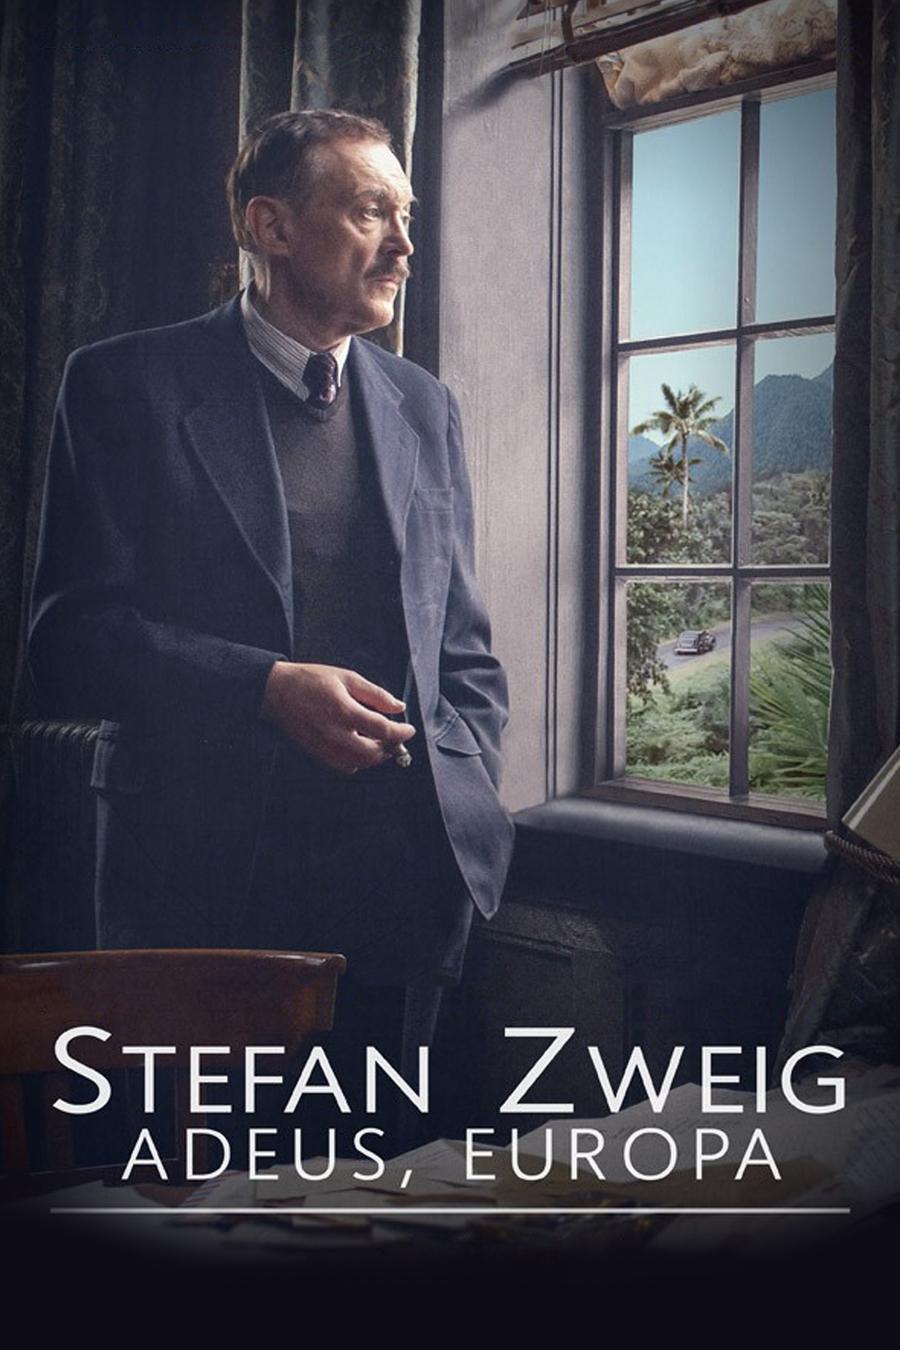 Stefan Zweig – Adeus, Europa